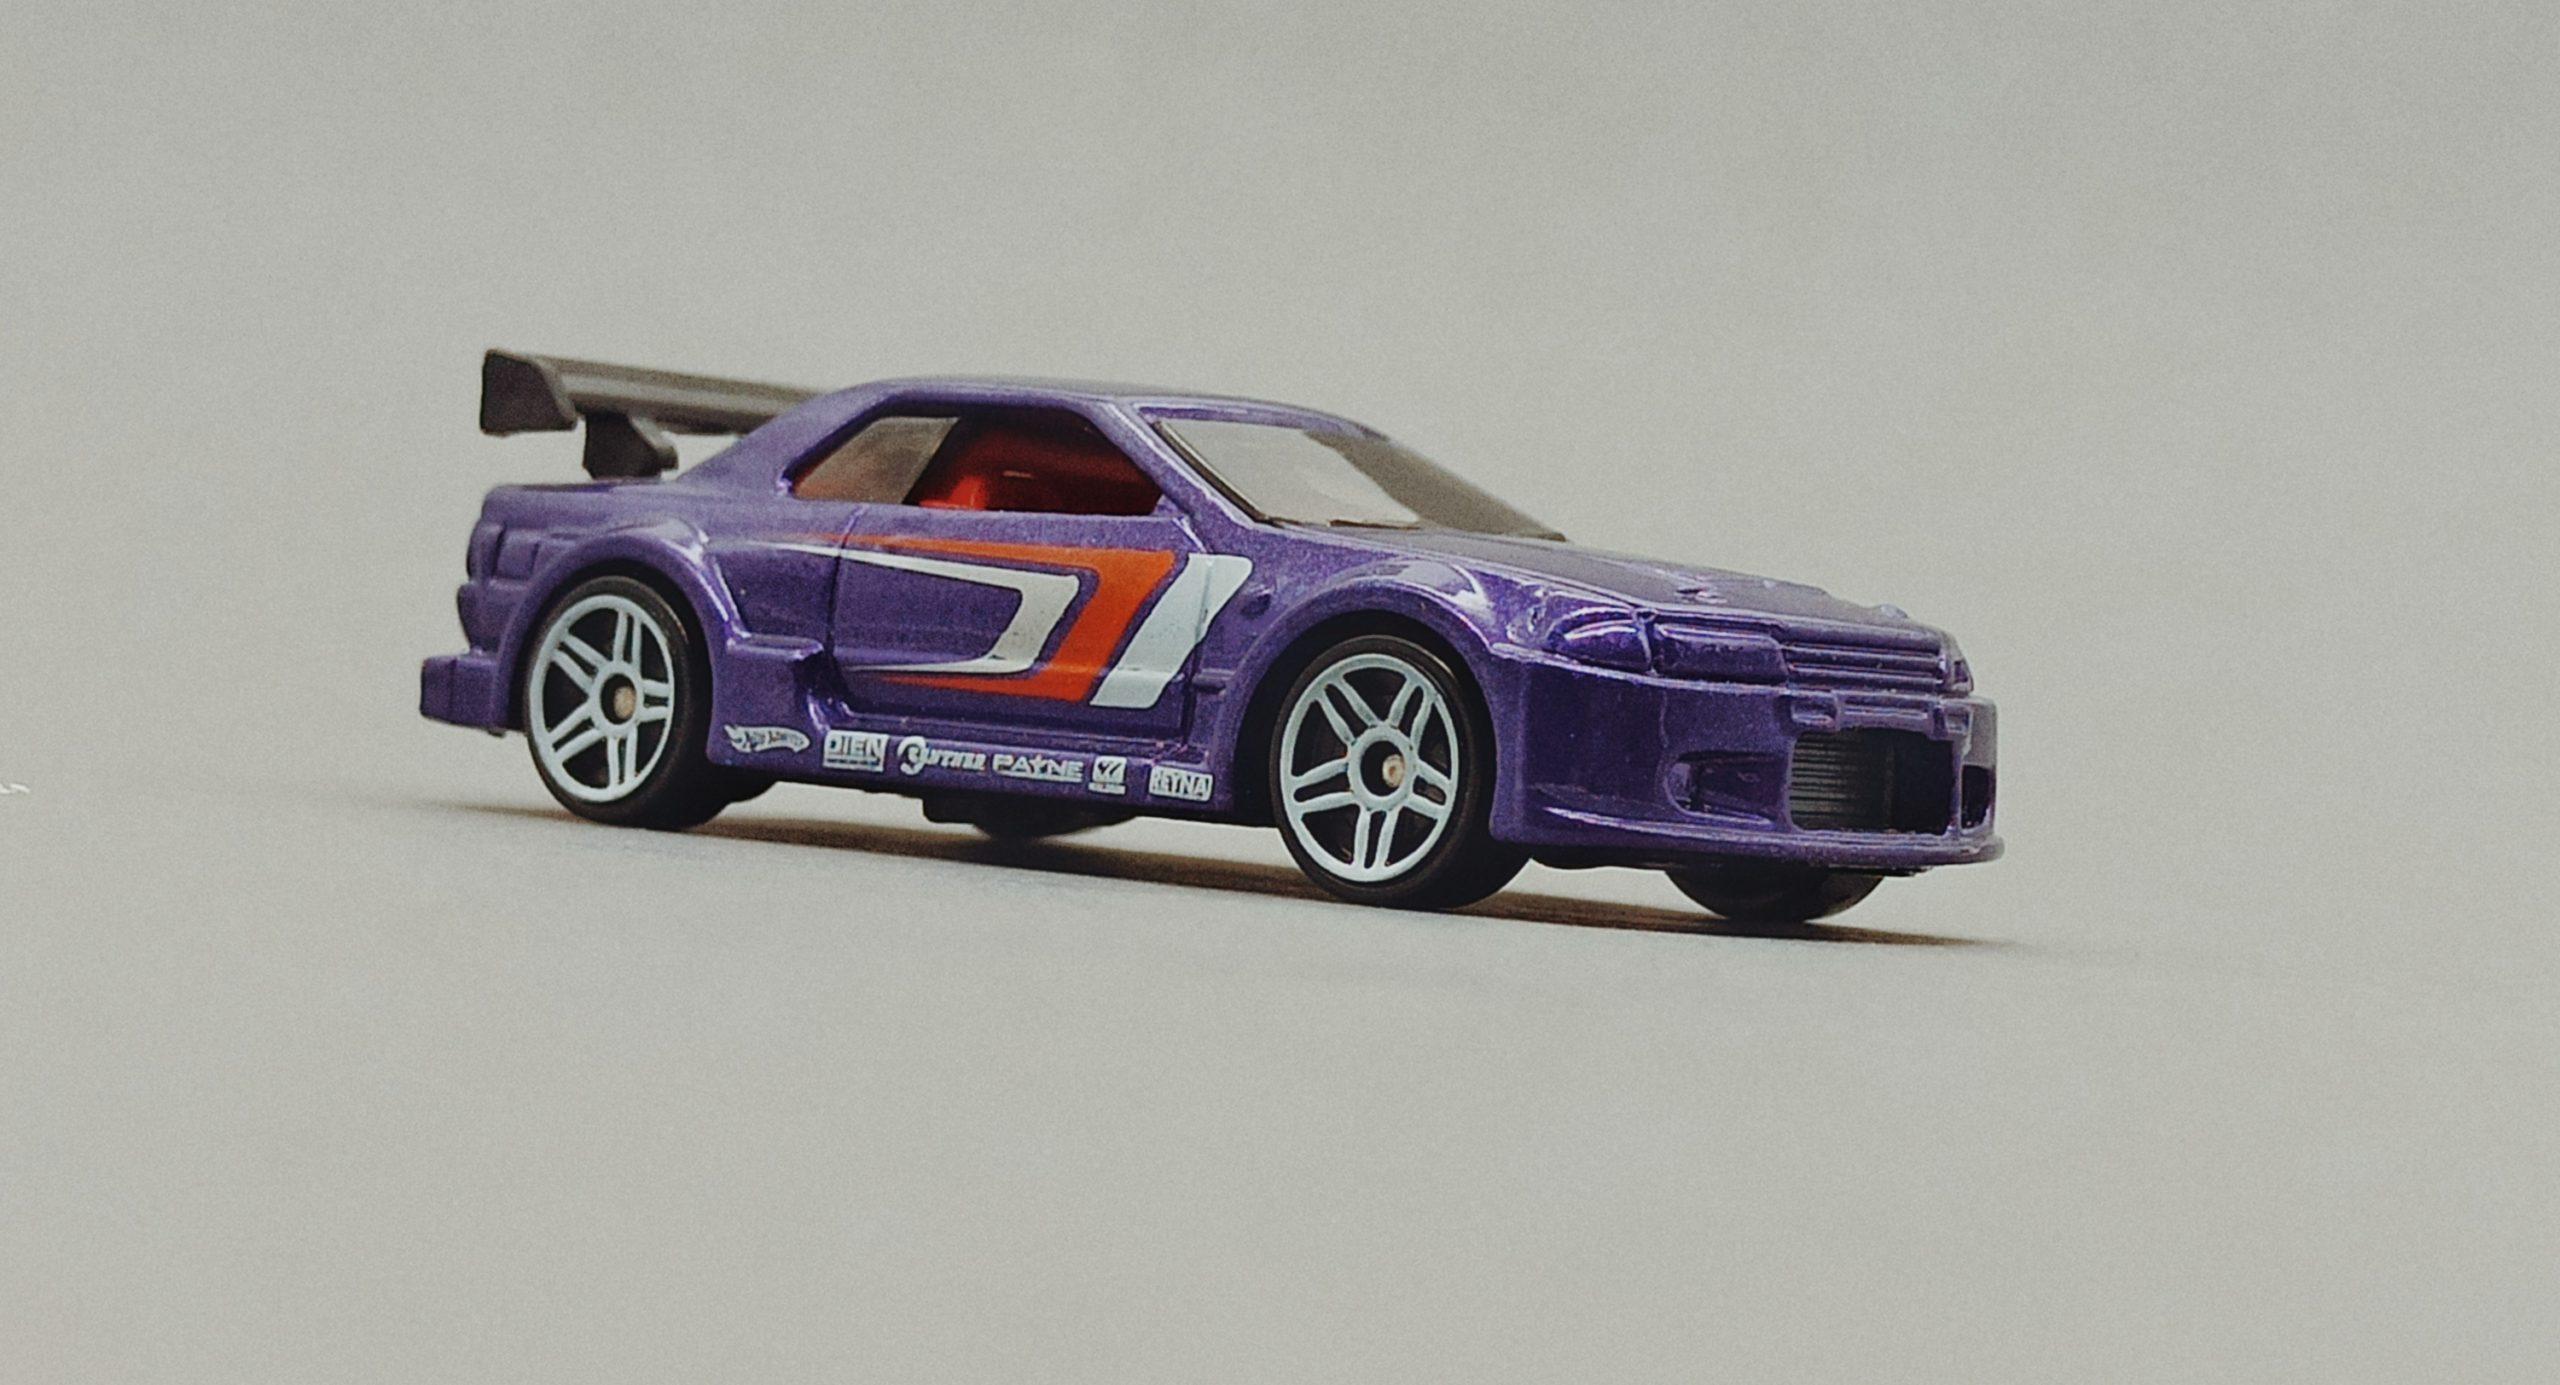 Hot Wheels Nissan Skyline (V0104) 2011 Racing Kits: Street Race (3/12) purple side angle